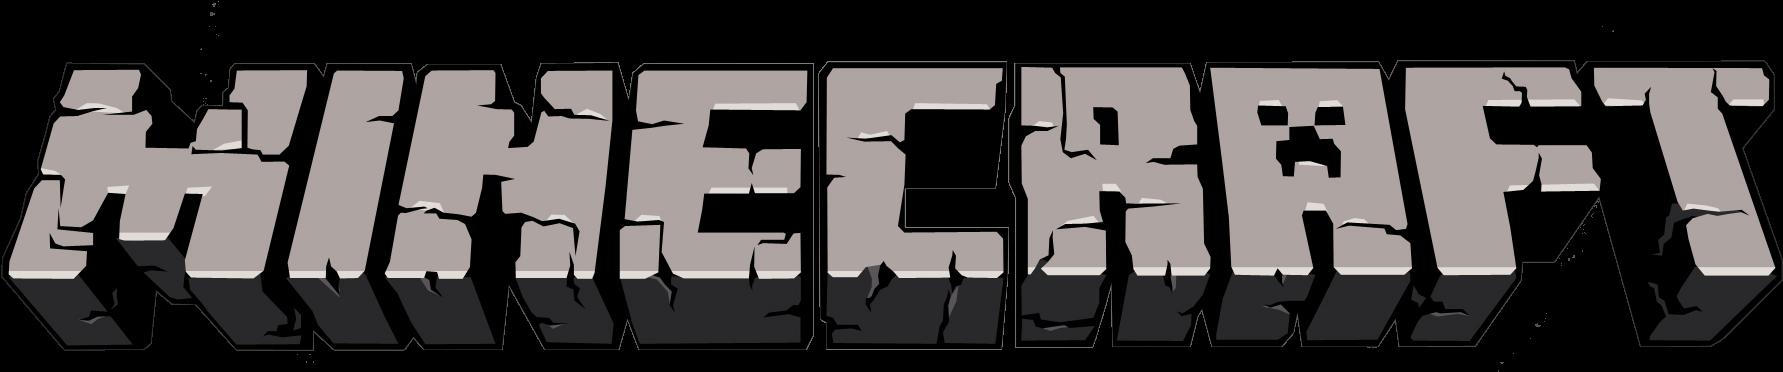 Download Hd Logo Minecraft Minecraft Logo Transparent Background